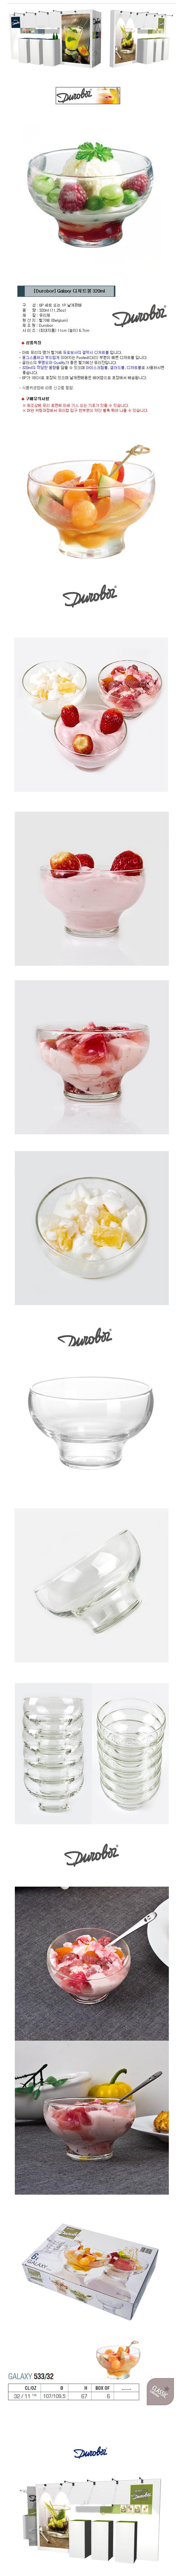 Durobor Galaxy 디저트볼 320ml 6P세트 - 더리빙샵, 23,000원, 샐러드볼/다용도볼, 아이스크림/화채볼